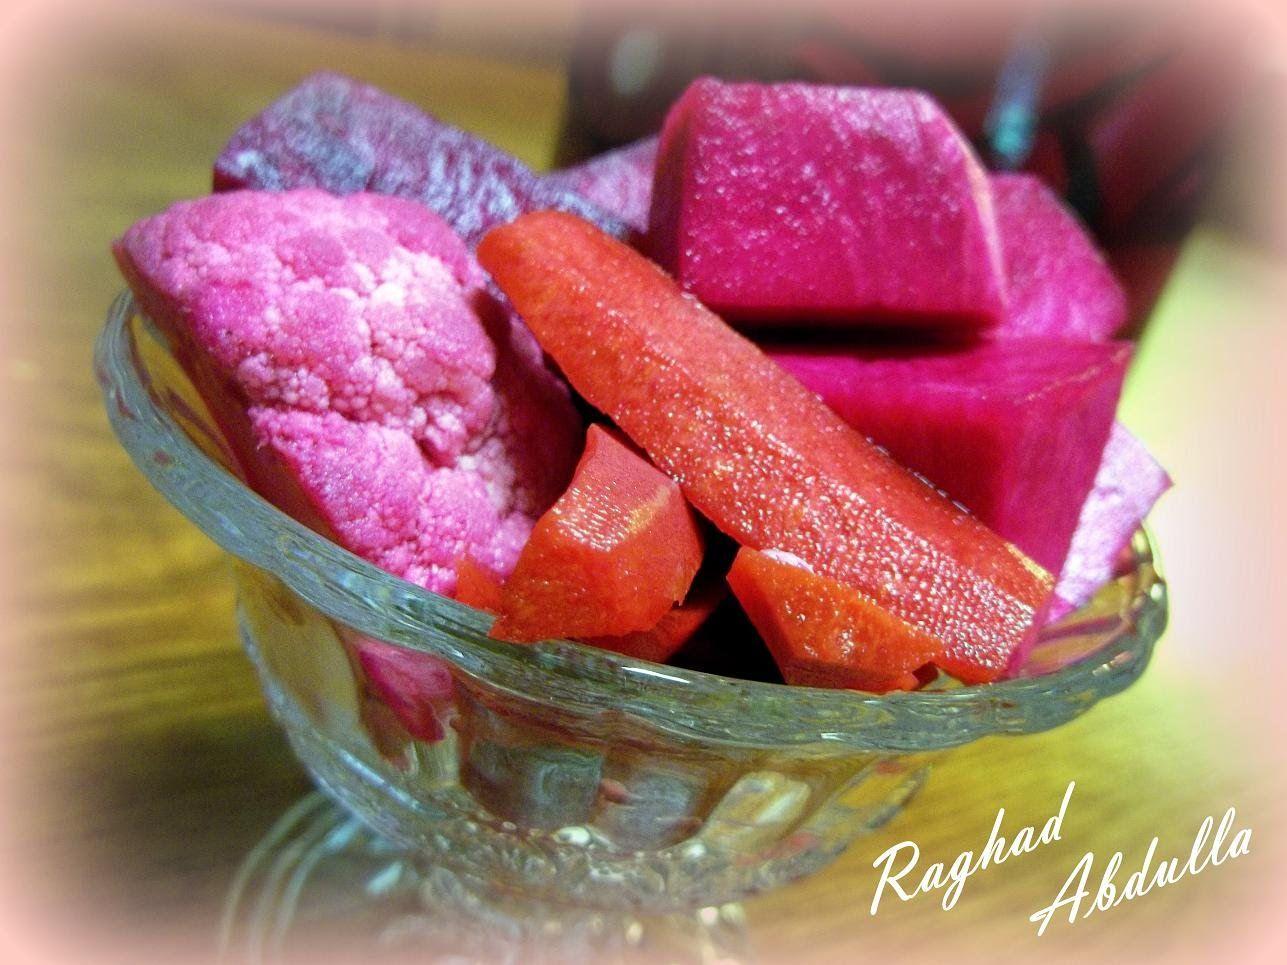 مخلل شوندر لفت جزر ملفوف وقرنبيط Pickled Turnips English Food Recipes